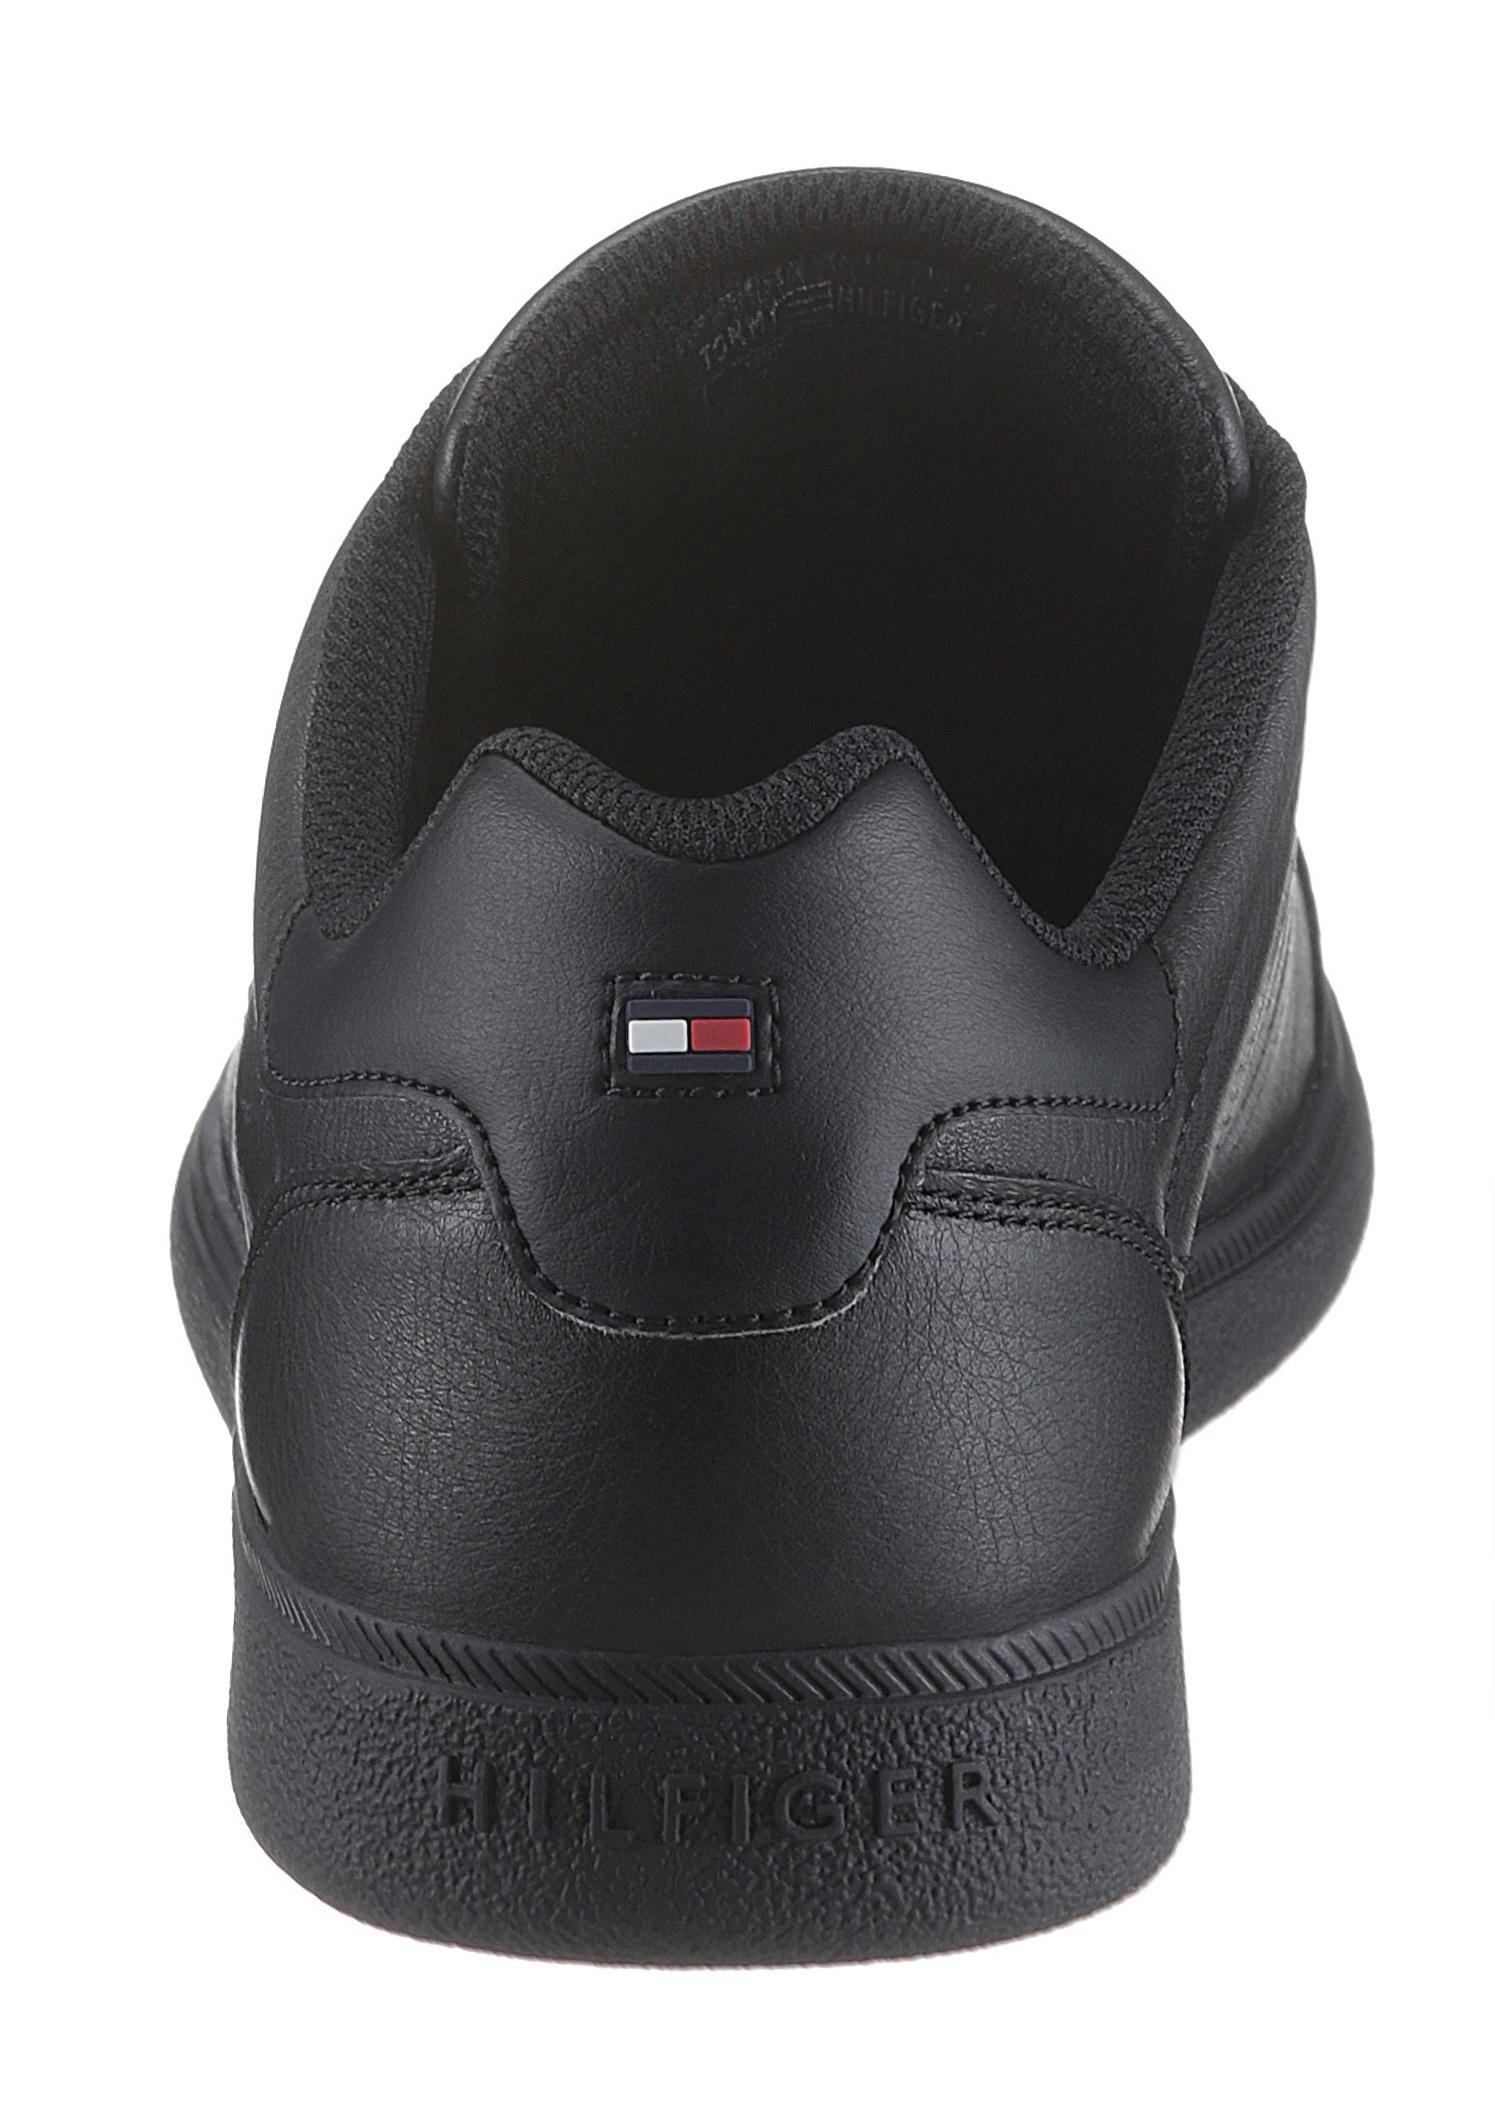 TOMMY HILFIGER sneakers »ESSENTIAL CORPORATE CUPSOLE« voordelig en veilig online kopen